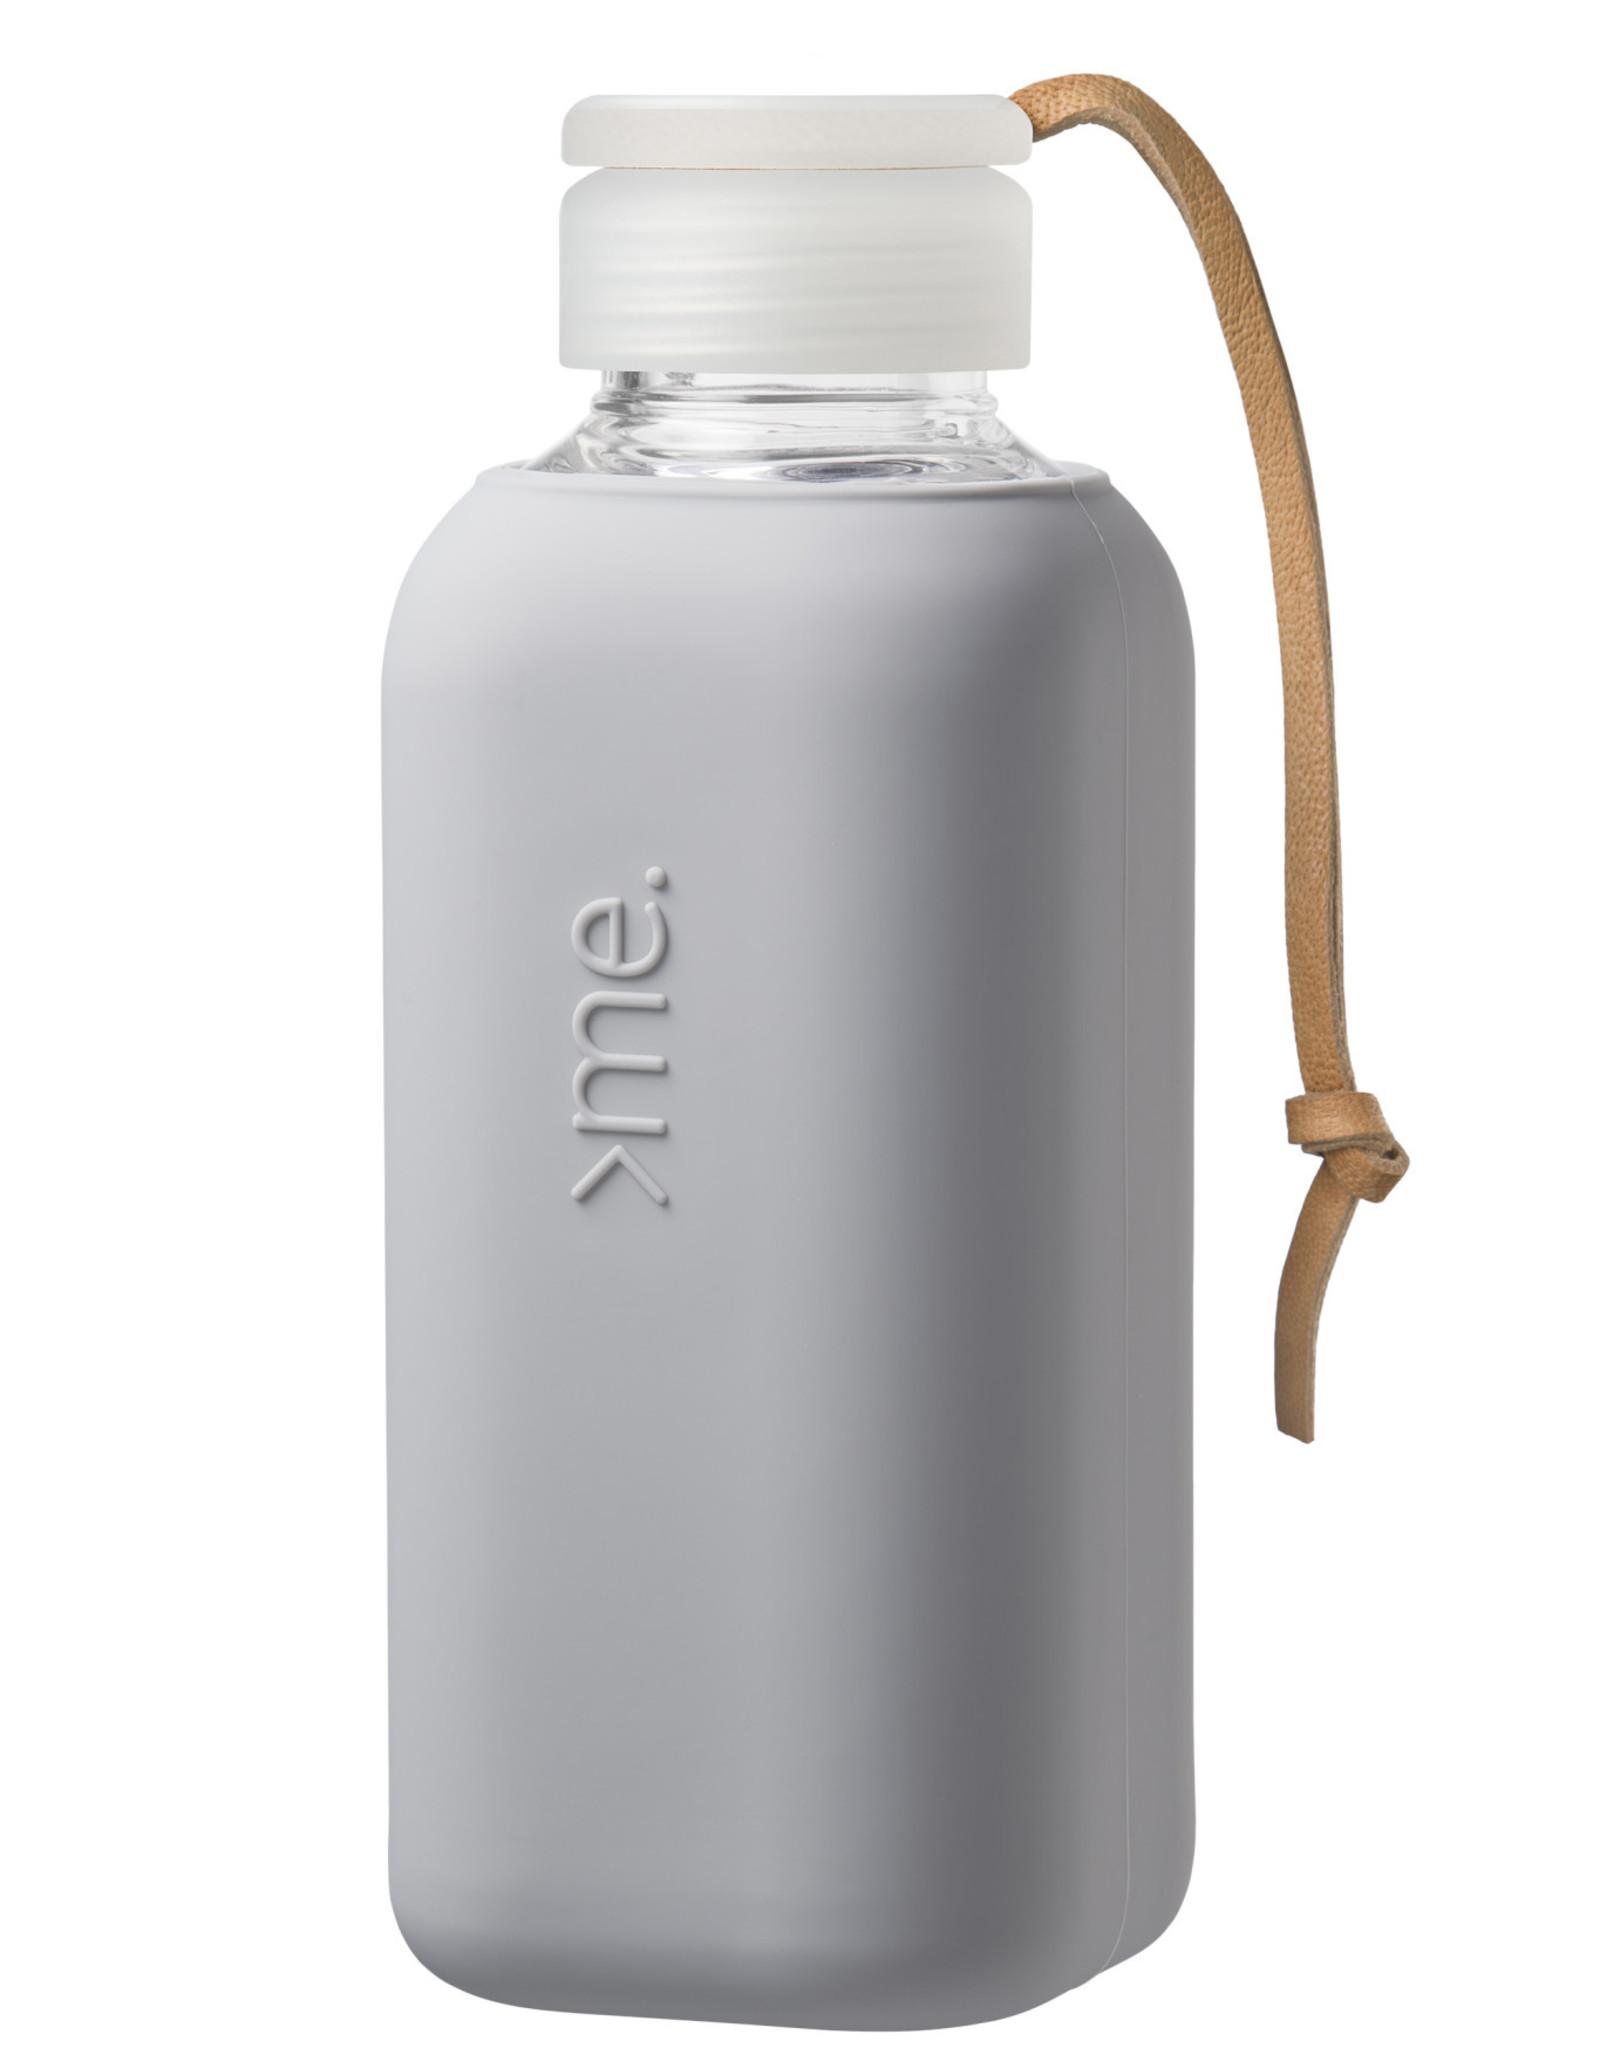 SQUIREME SQUIREME Y1 Bottle 600ml CONCRETE